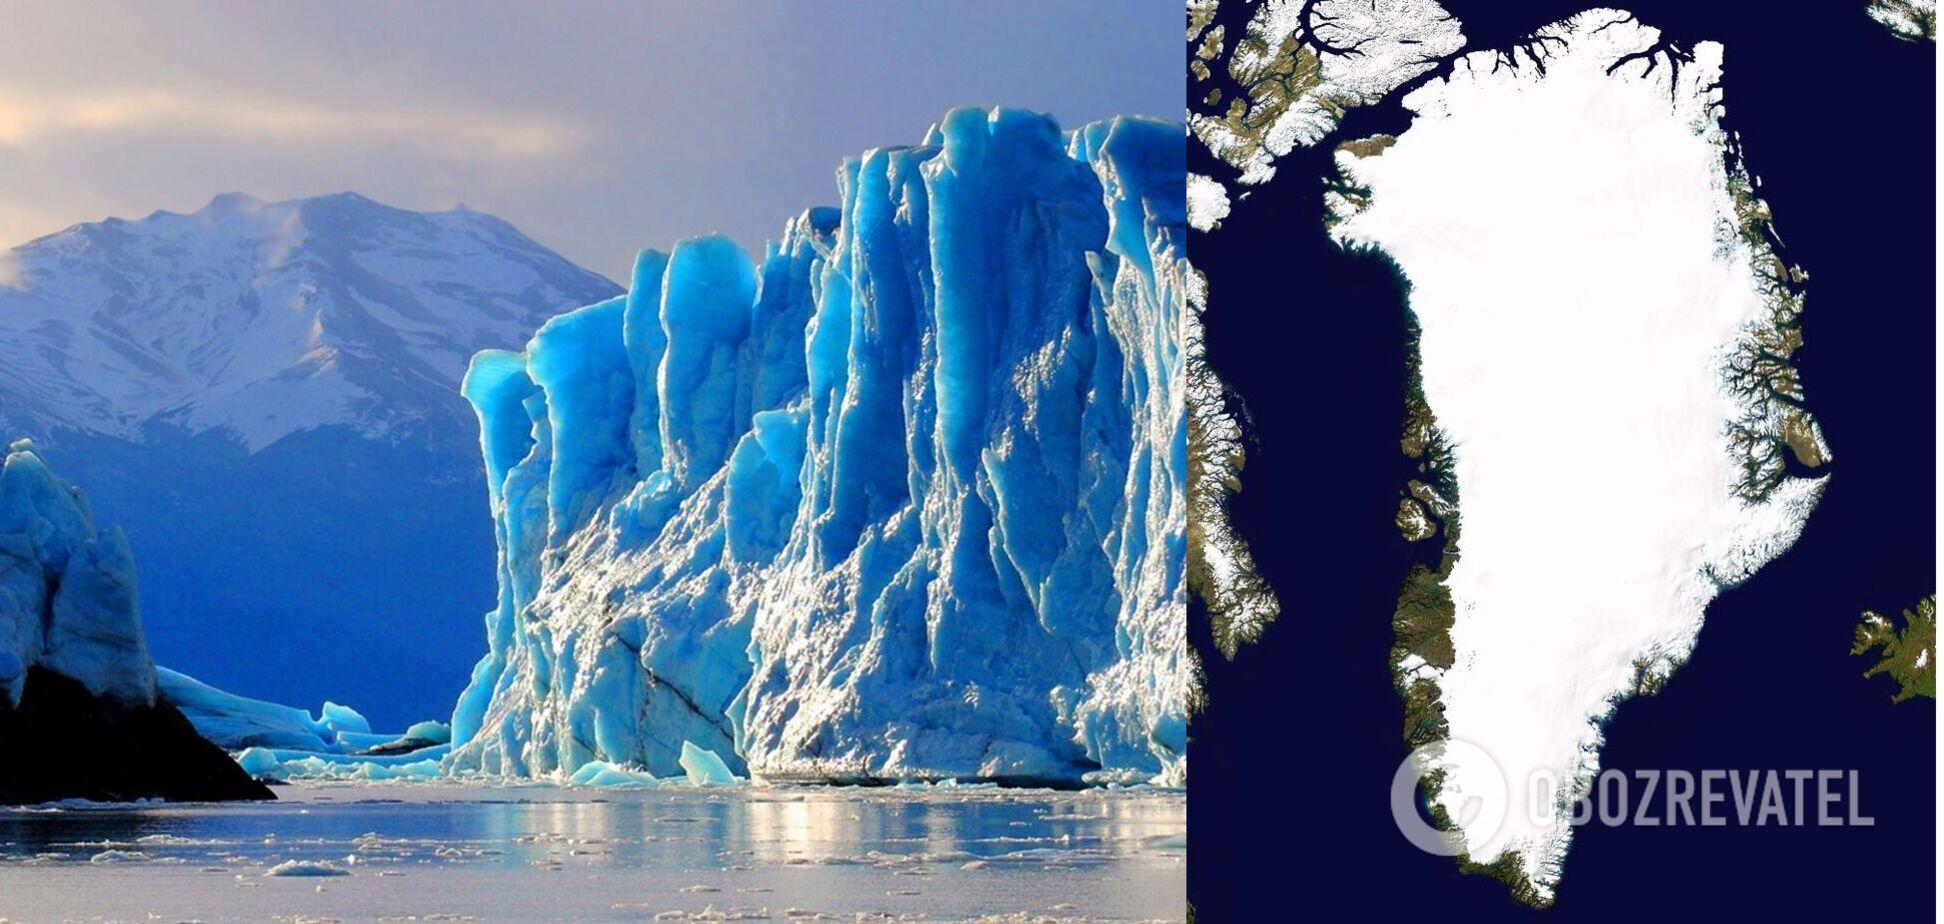 У Гренландії розтанула рекордна кількість льодовиків: у всьому світі піднявся рівень води